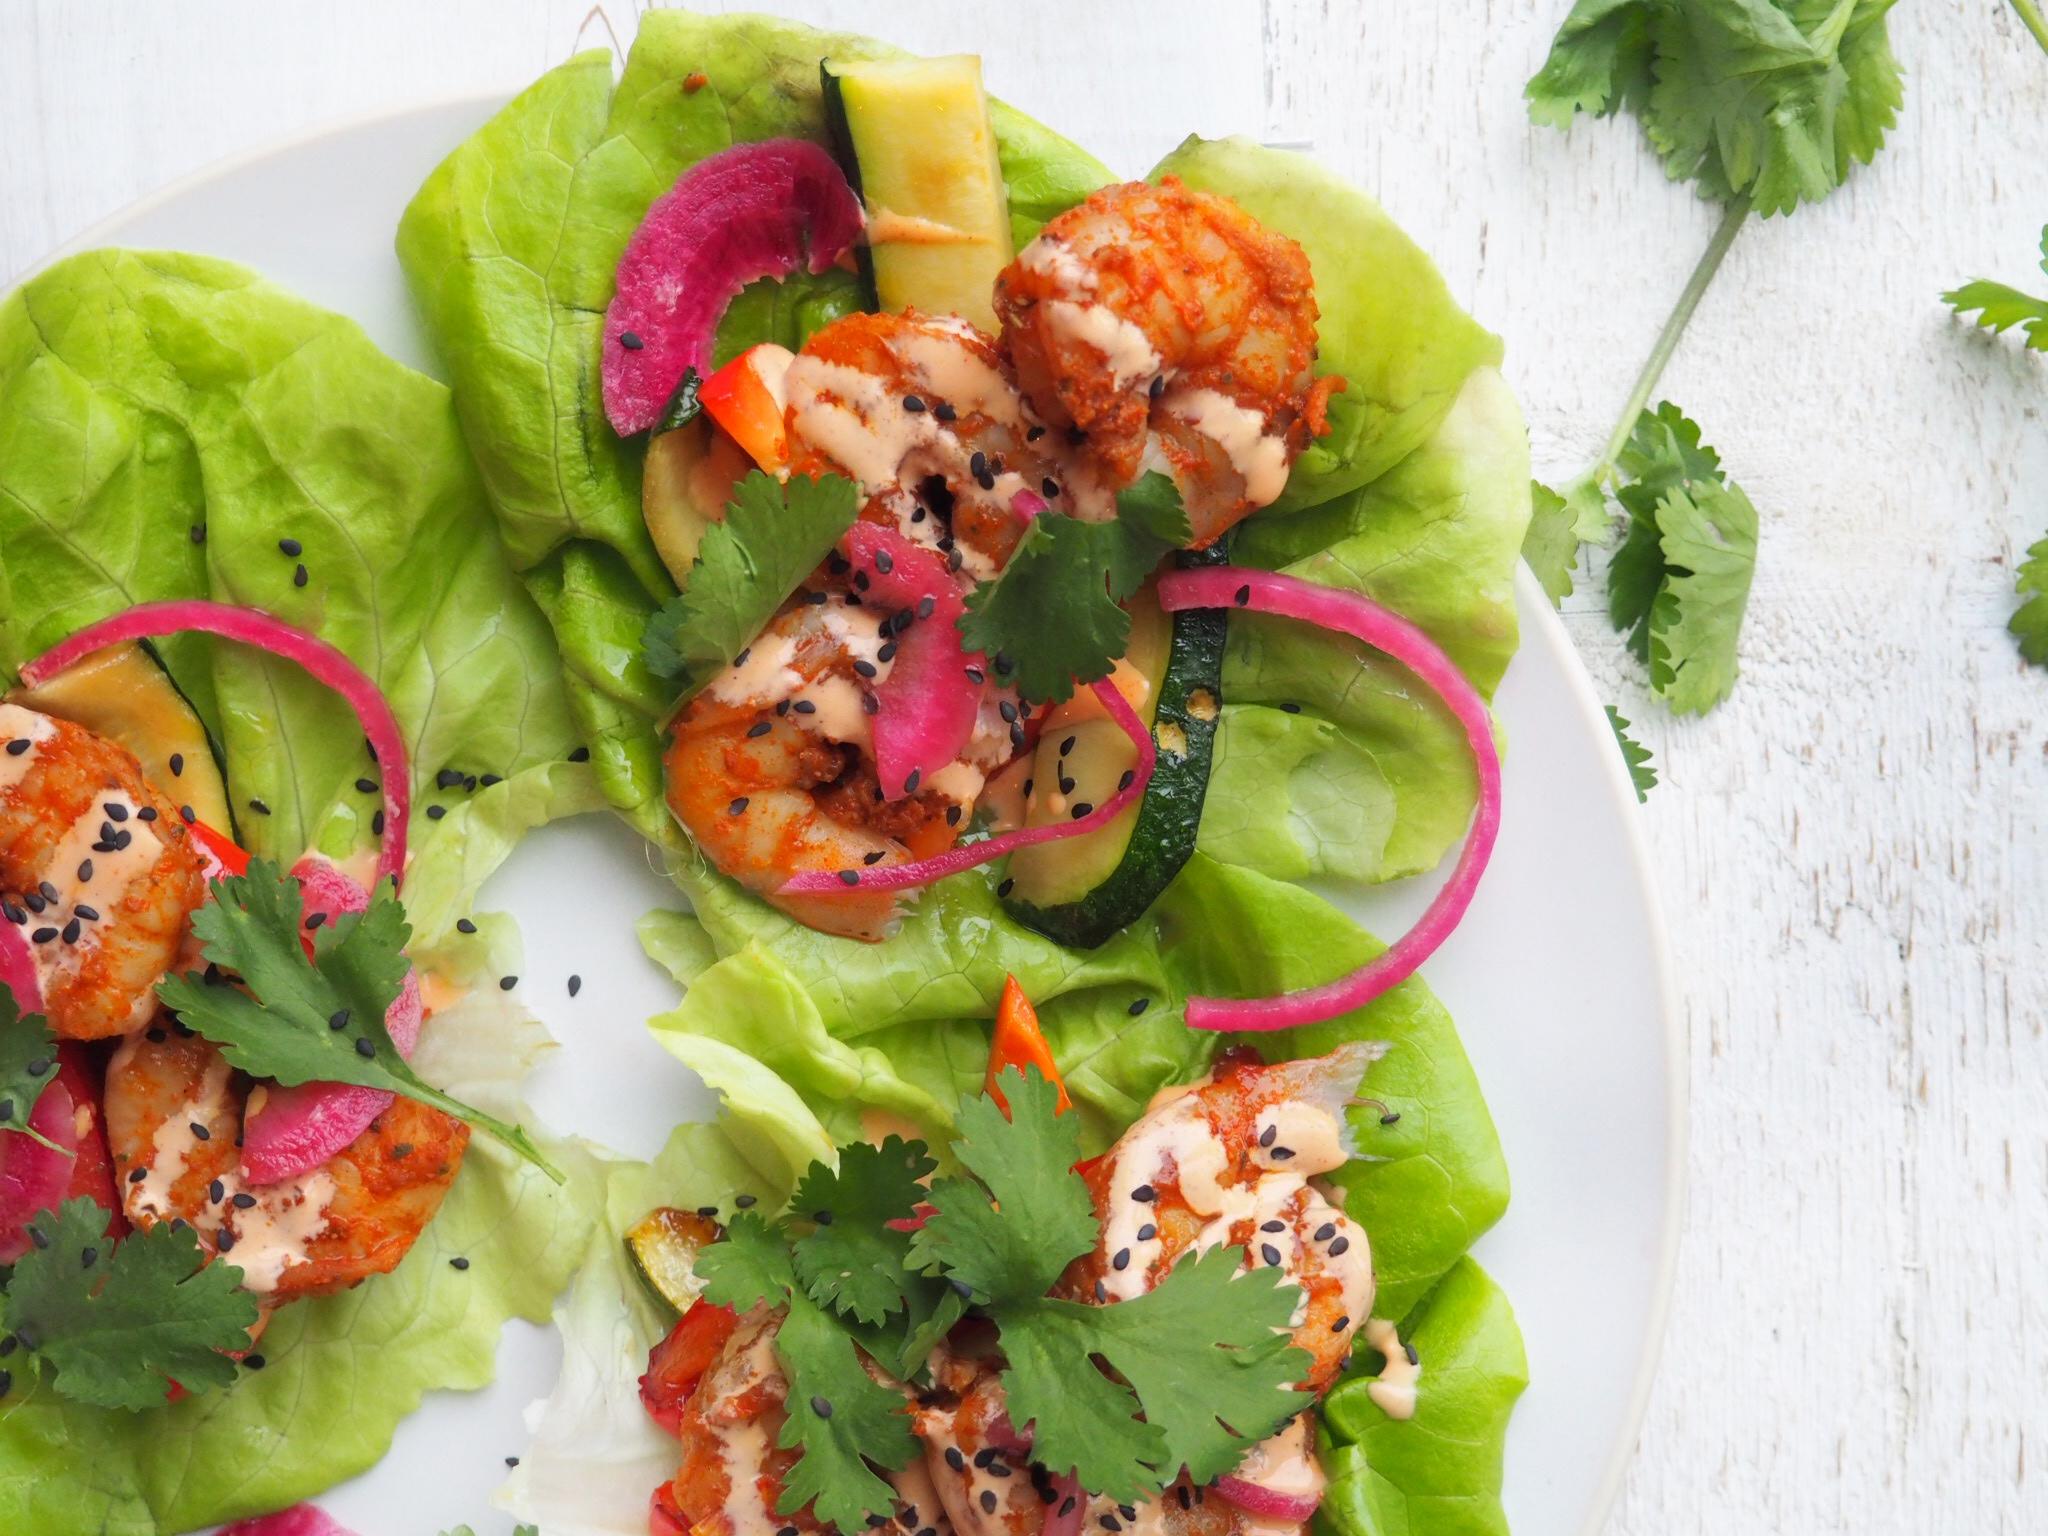 Zesty-Shrimp-Lettuce-Tacos-All-Day-Fit